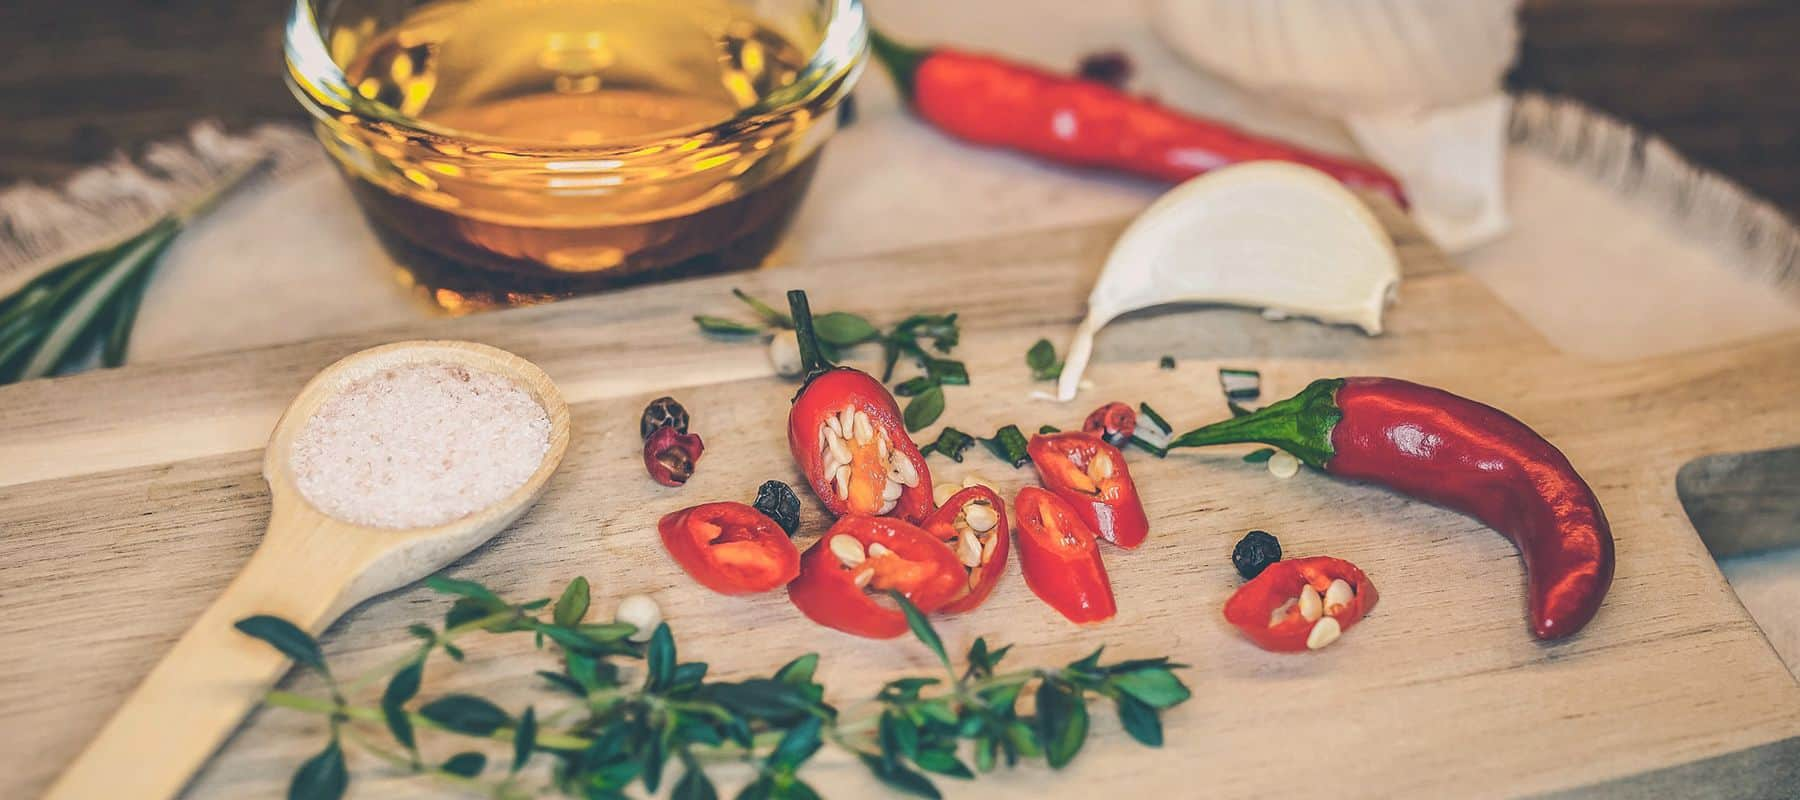 Chili Pulver & Saucen